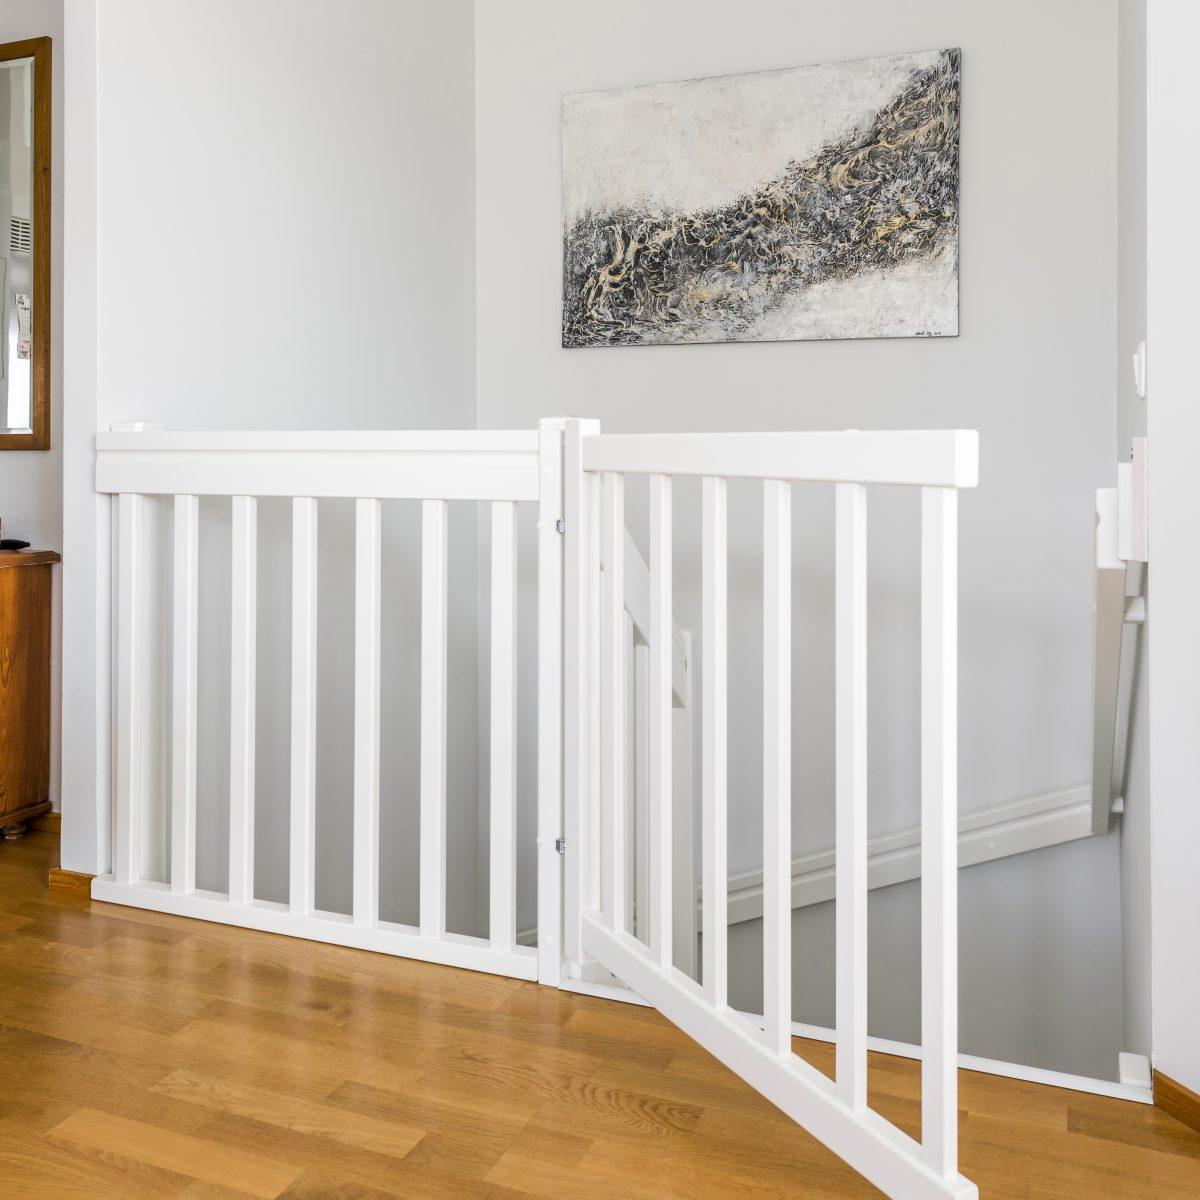 Kuva valkoisesta puukaiteesta talon yläkerrasta portaikon päästä